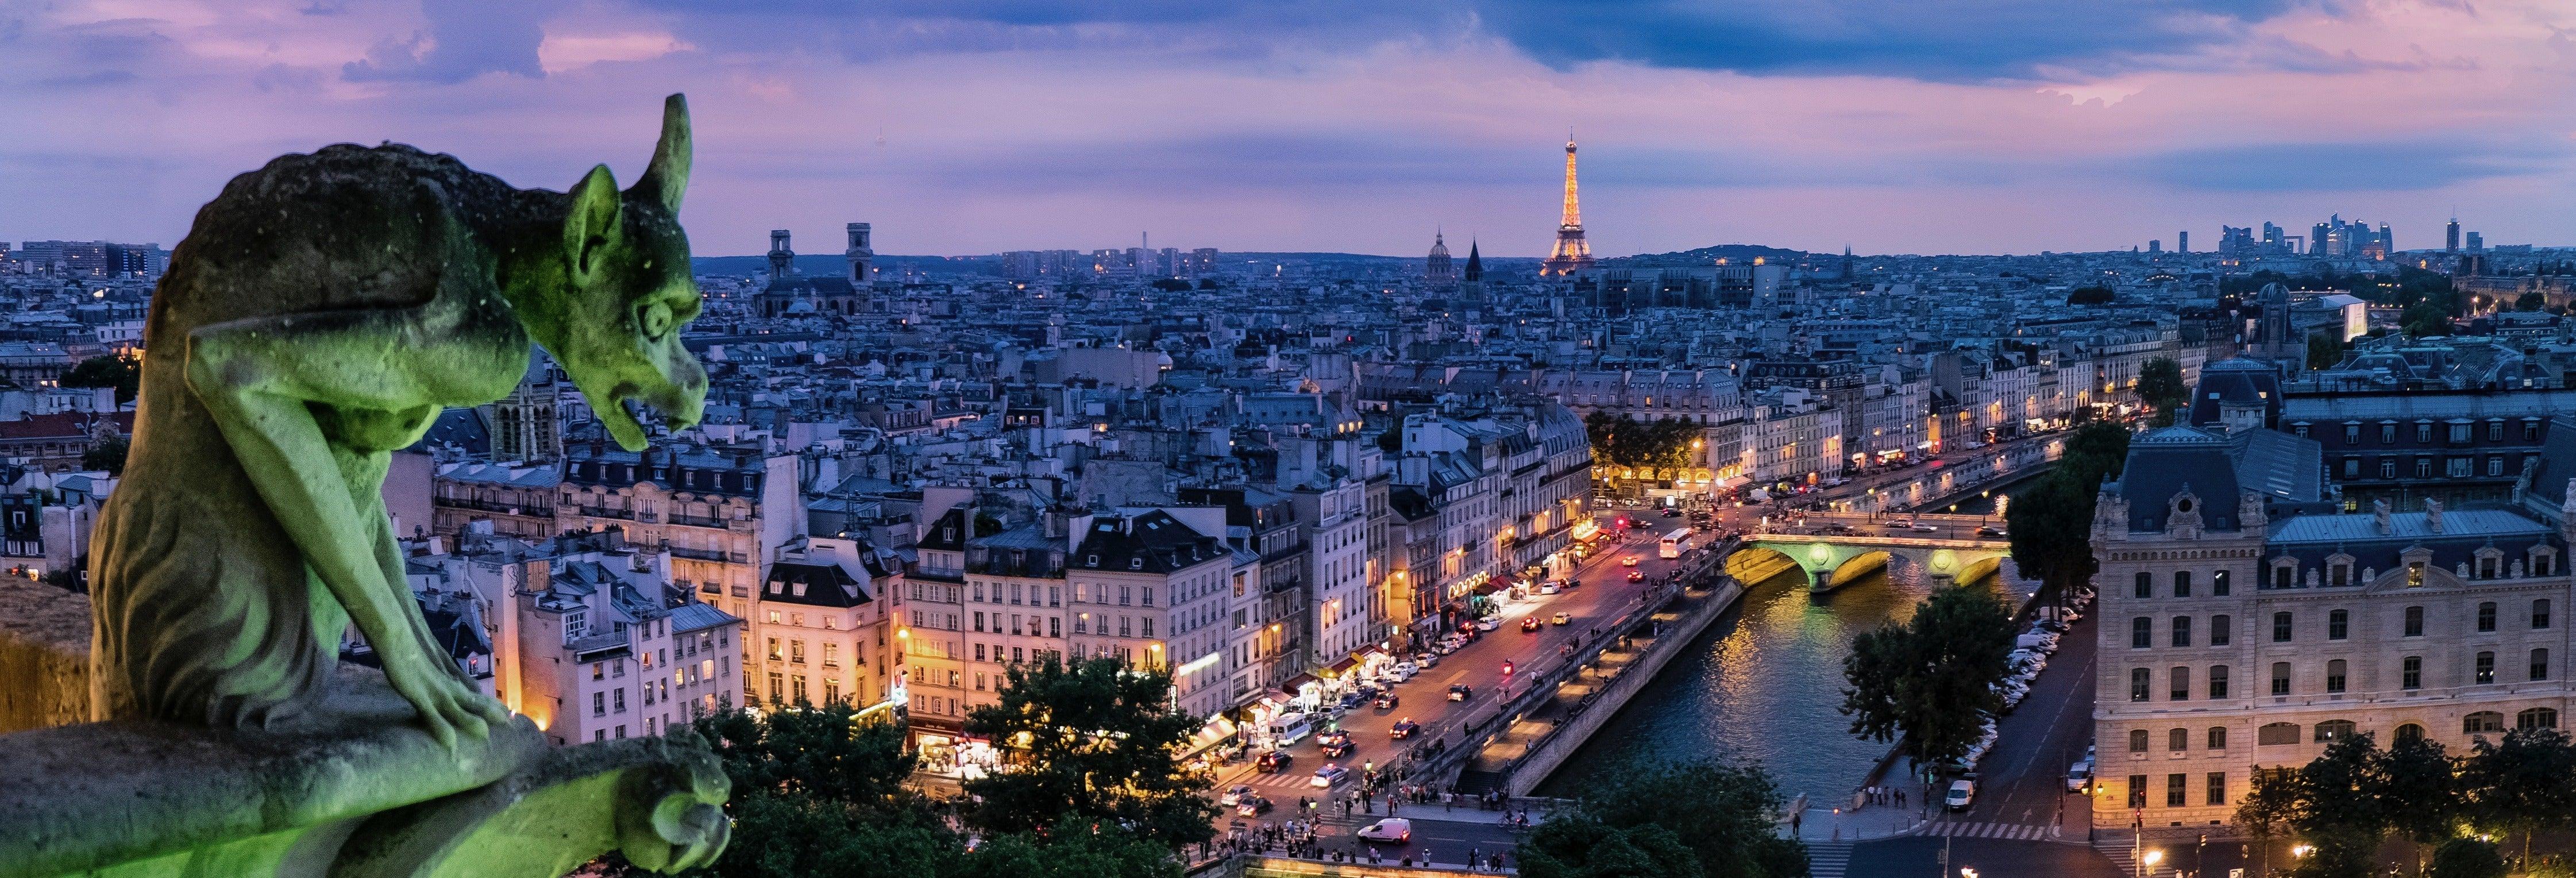 Visite du Paris osbcur, entre légendes et mystères